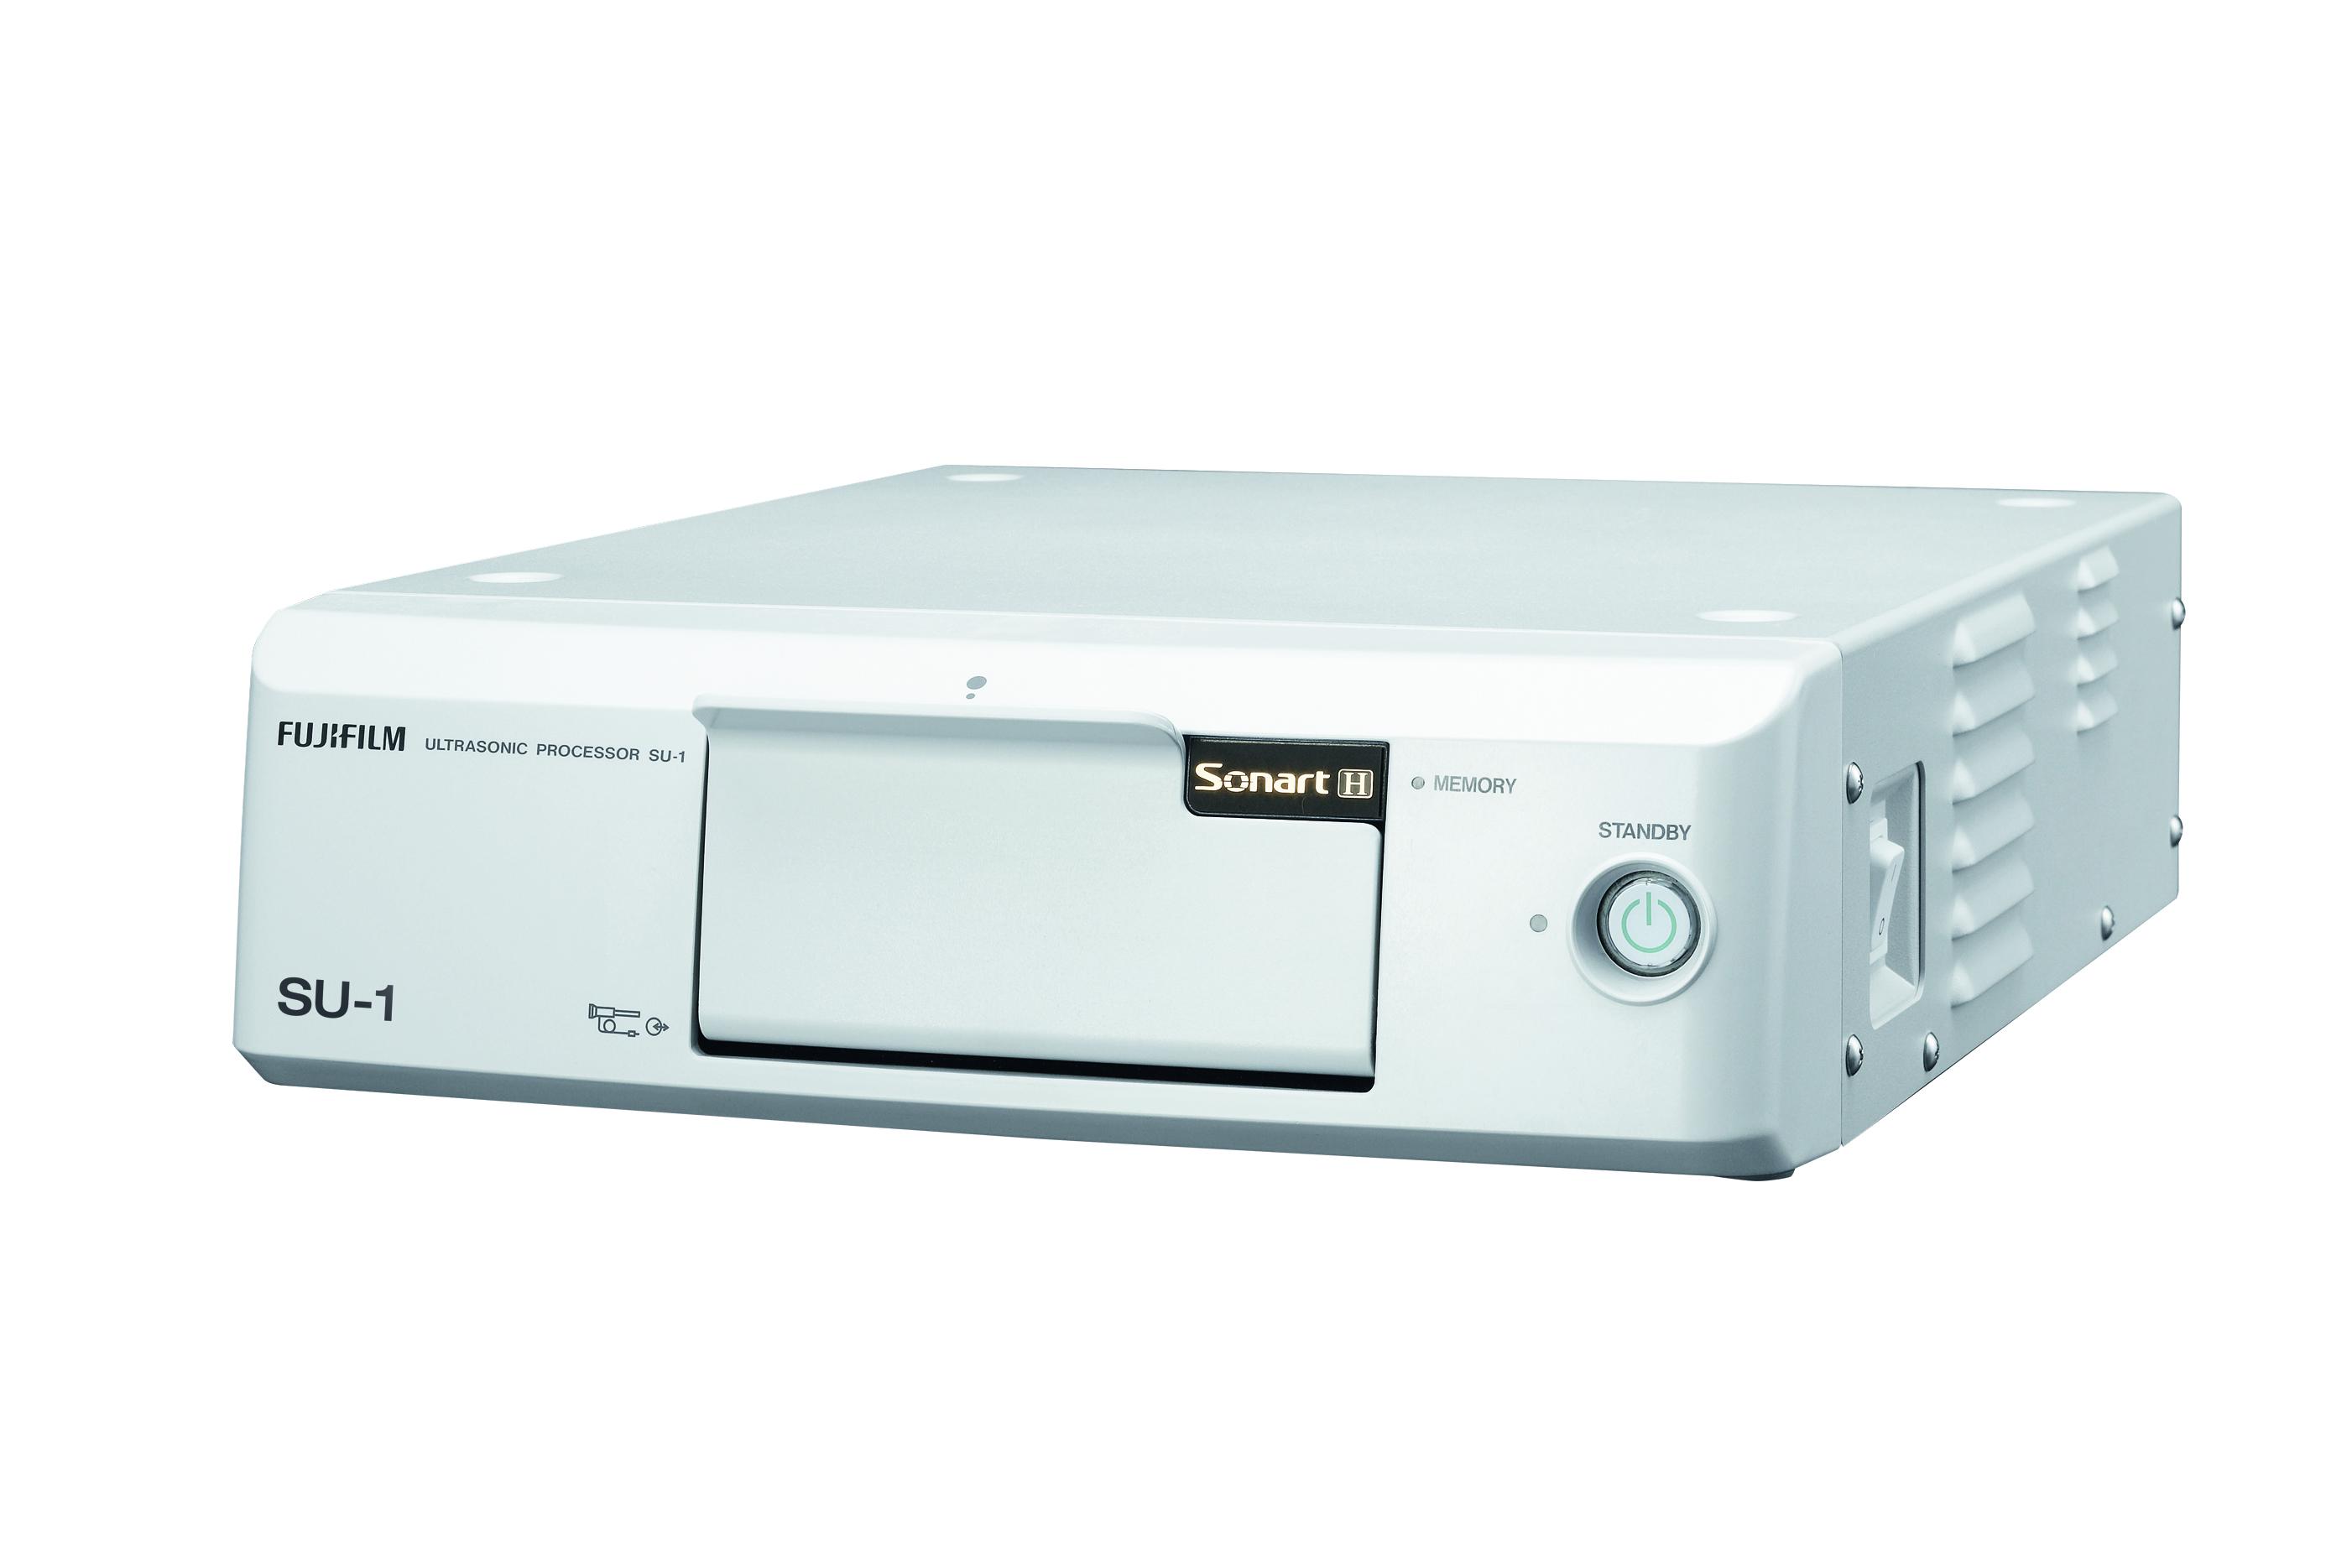 Ультразвуковий відеопроцесор Fujifilm SU-1